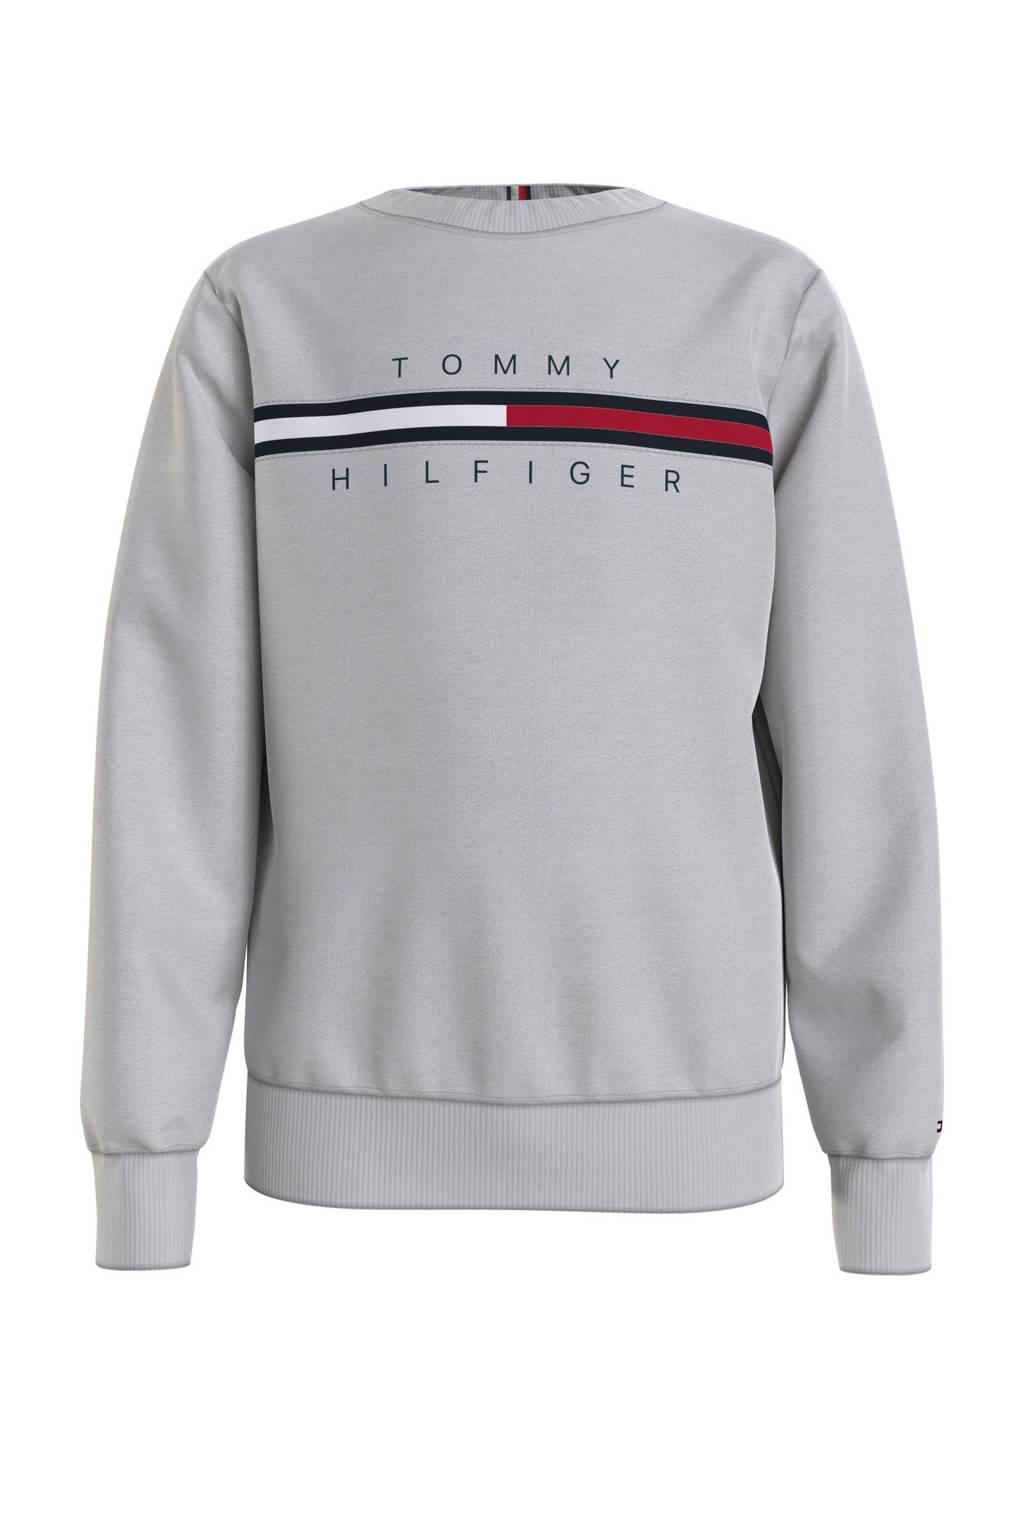 Tommy Hilfiger sweater met logo grijs melange, Grijs melange